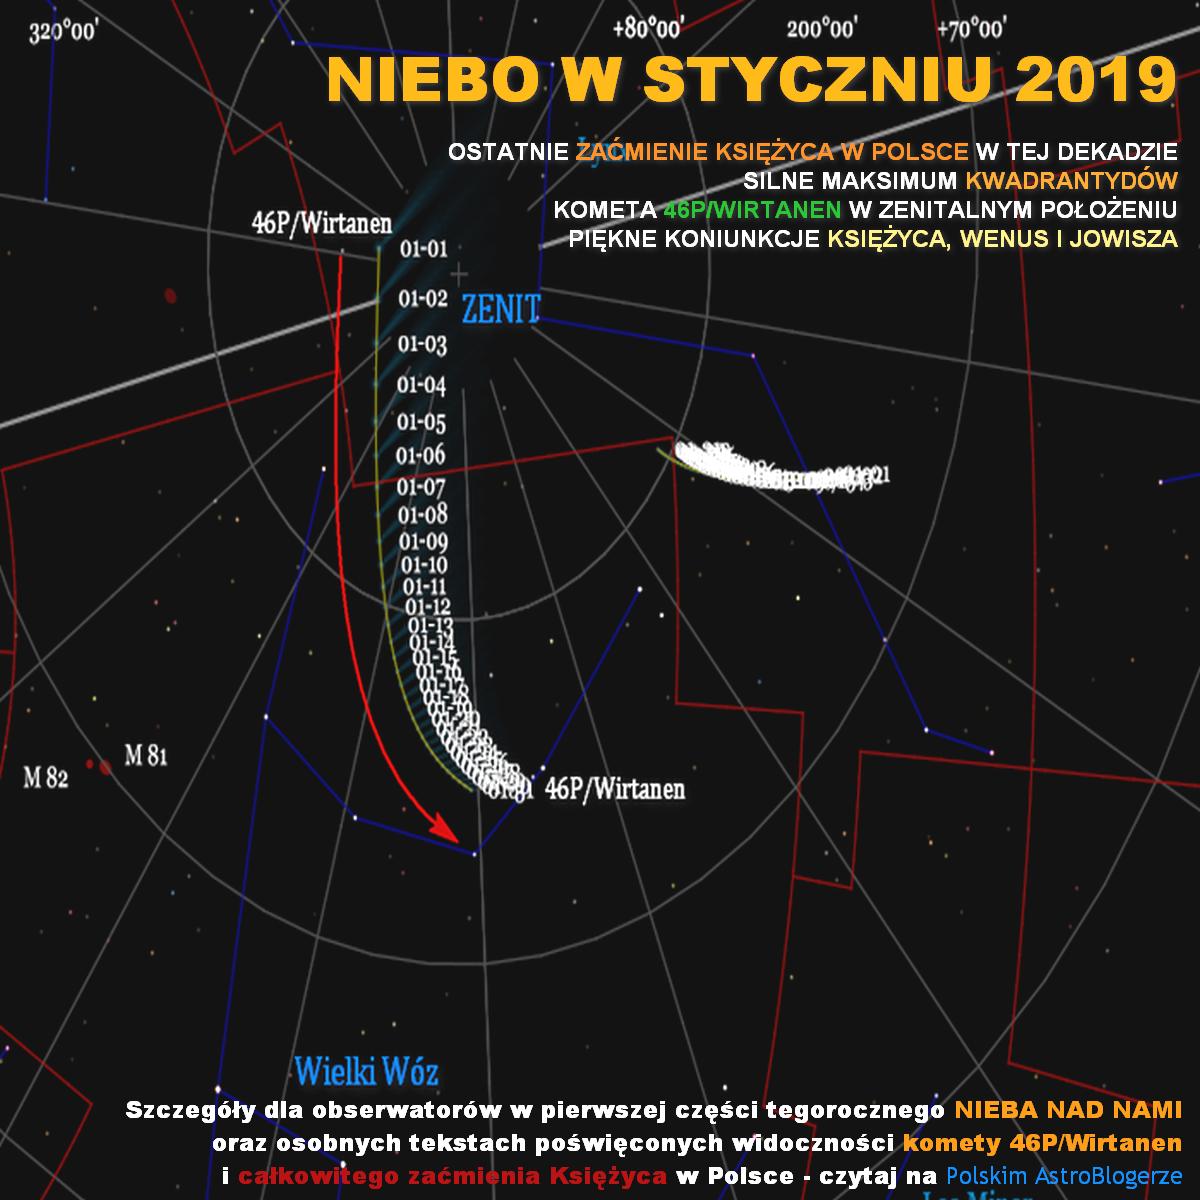 NIEBO NAD NAMI (1) - Styczeń 2019 - Ostatnie zaćmienie Księżyca w Polsce w dekadzie 2010-2019